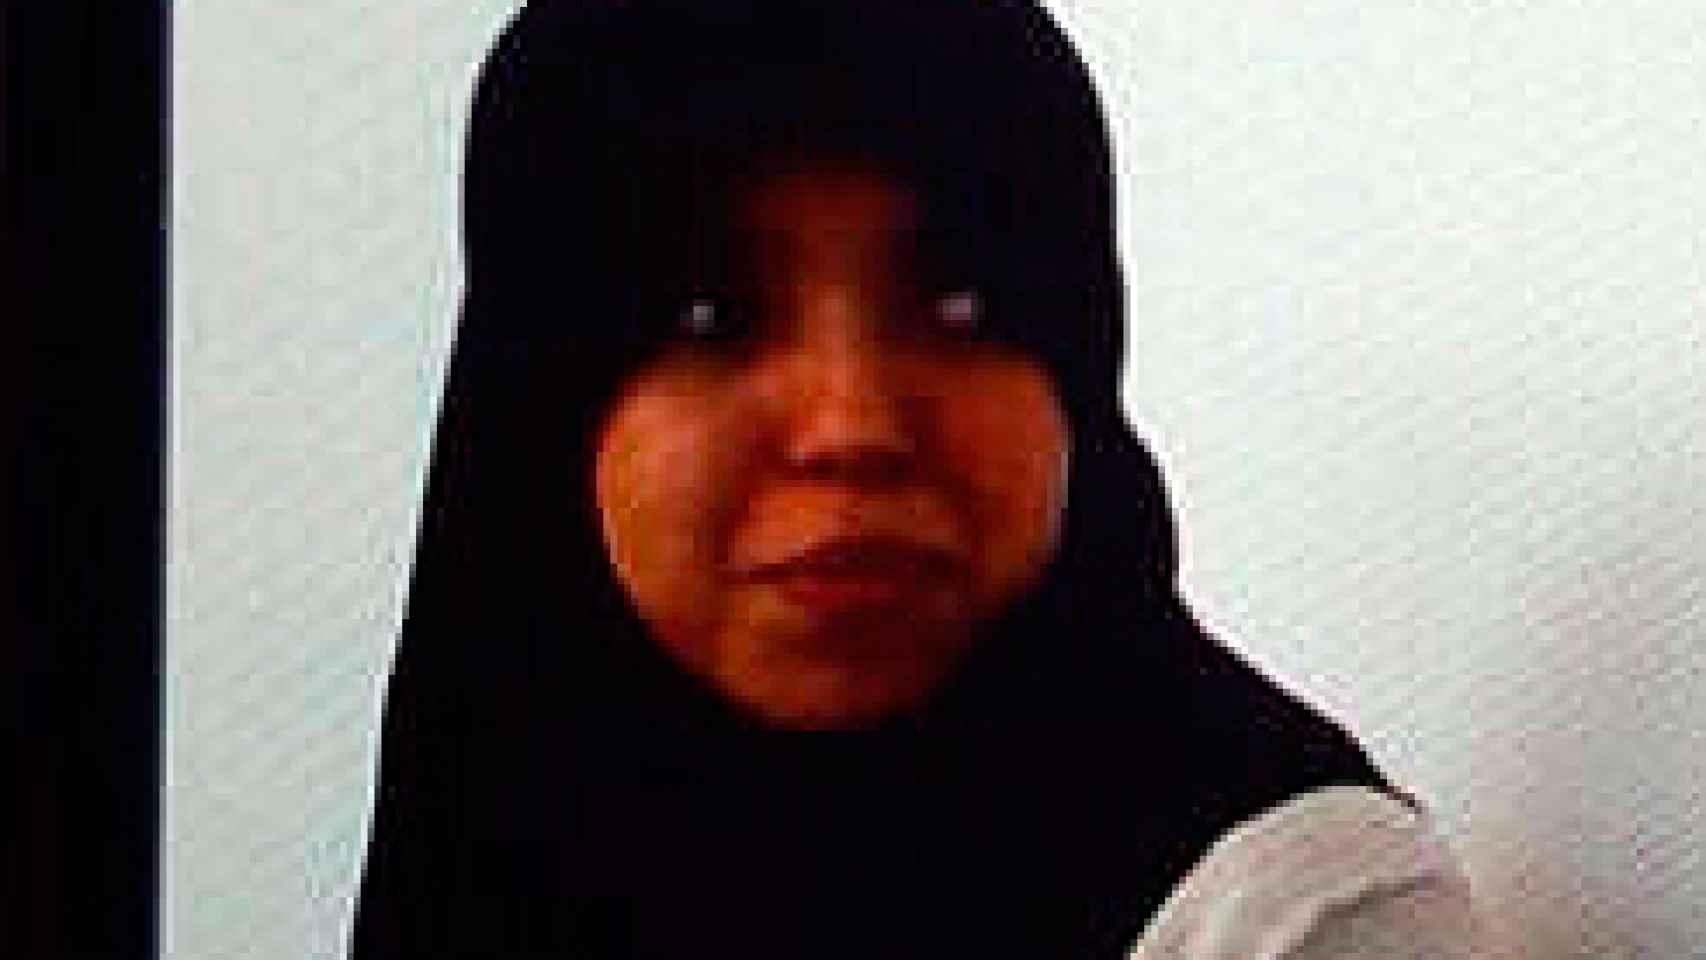 Soukaina, la joven canaria, podría ser condenada a tres años de prisión como miembro del Daesh.